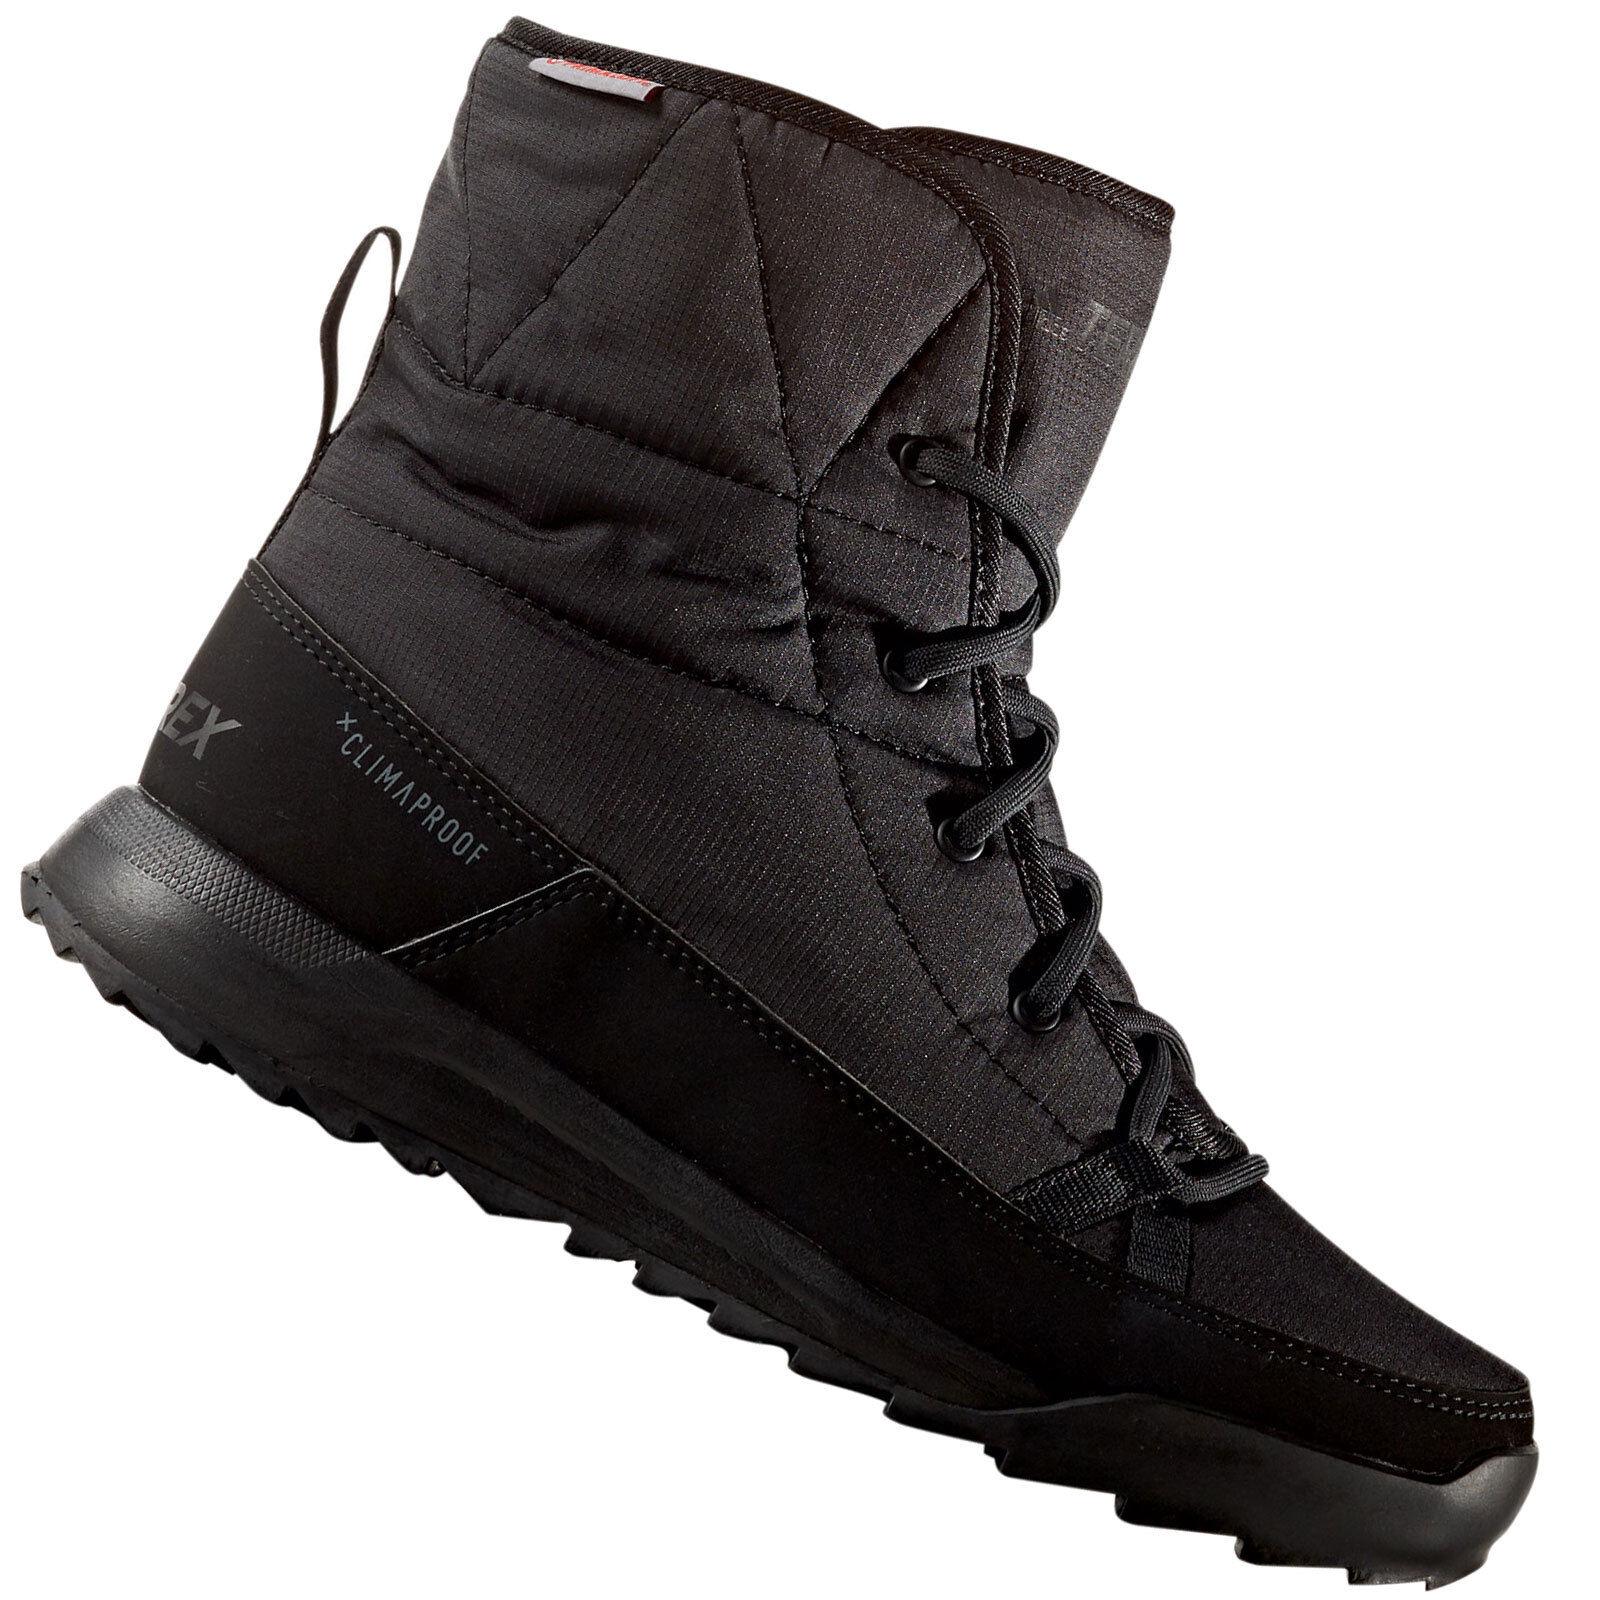 Adidas Performance choleah Acolchada zapatos invierno mujer De Cordones NUEVO